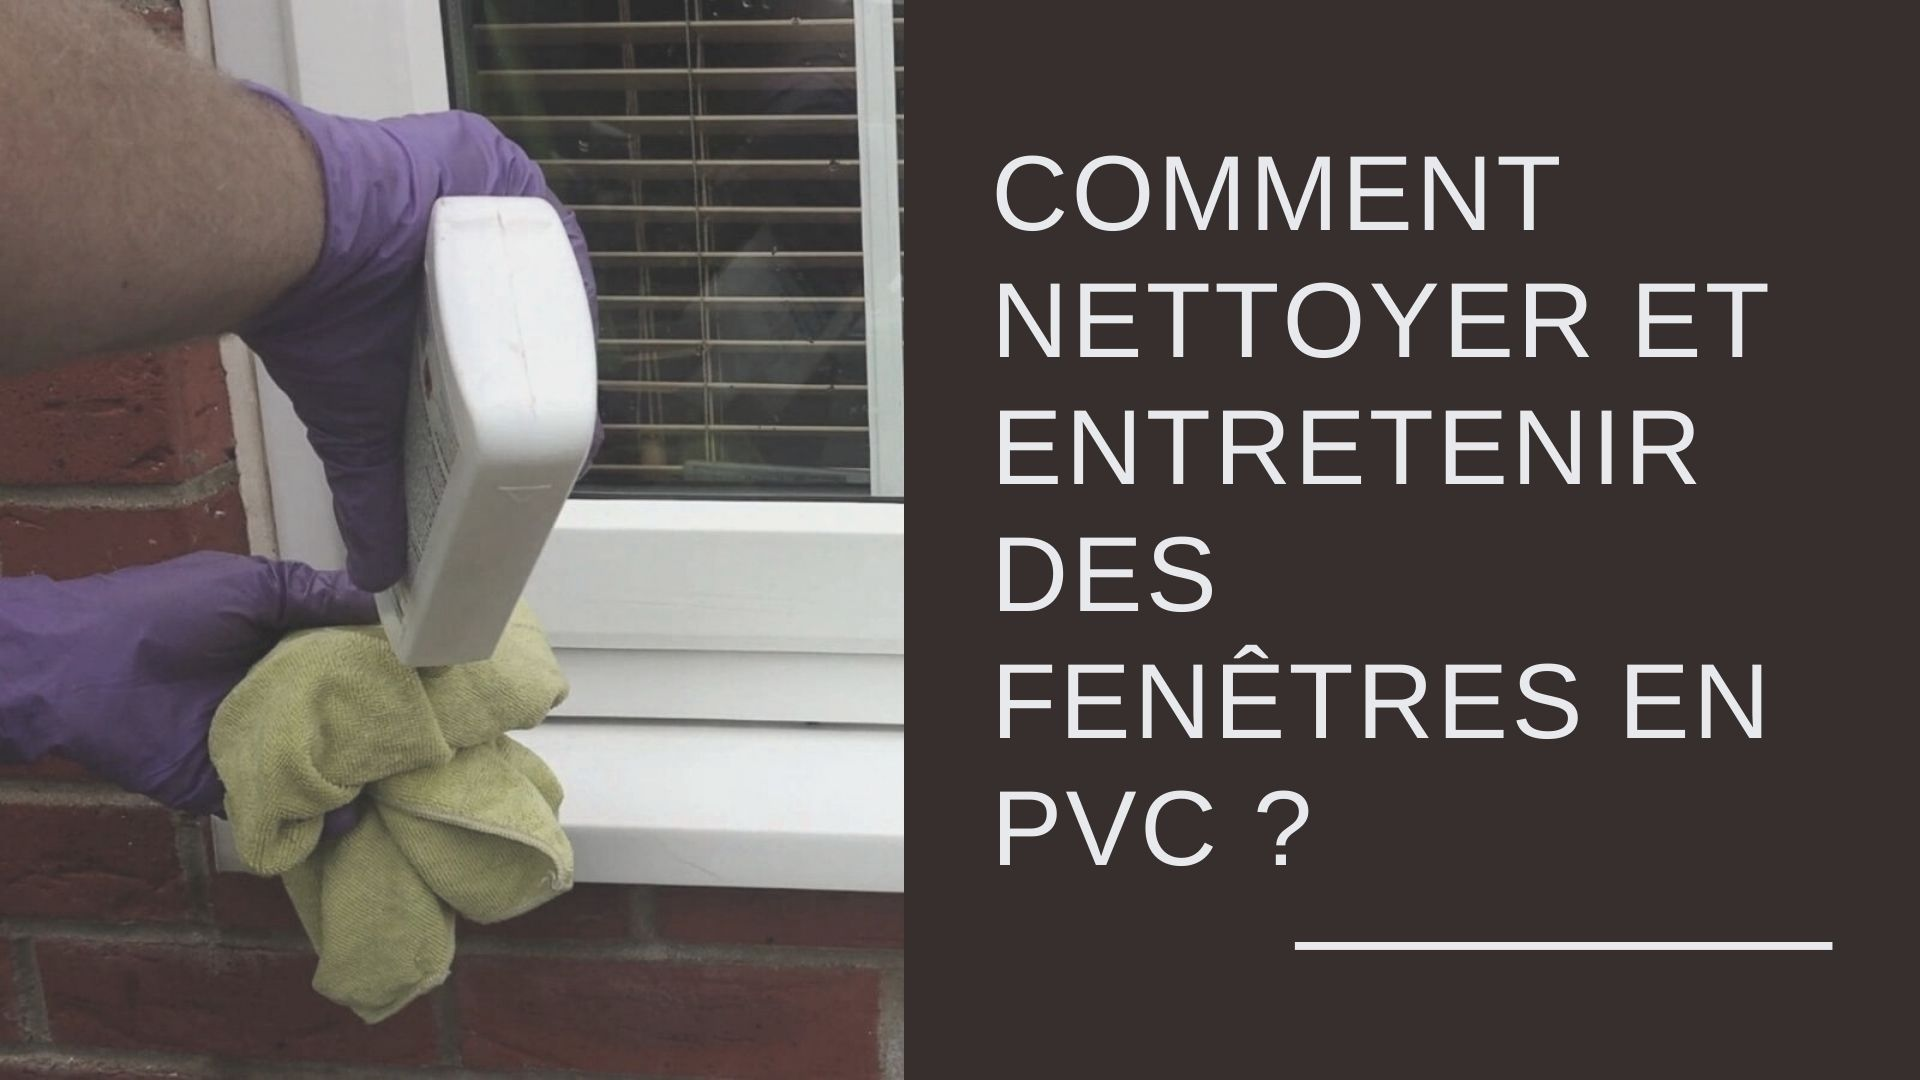 Quel Produit Pour Nettoyer Le Pvc comment nettoyer et entretenir des fenêtres en pvc ?